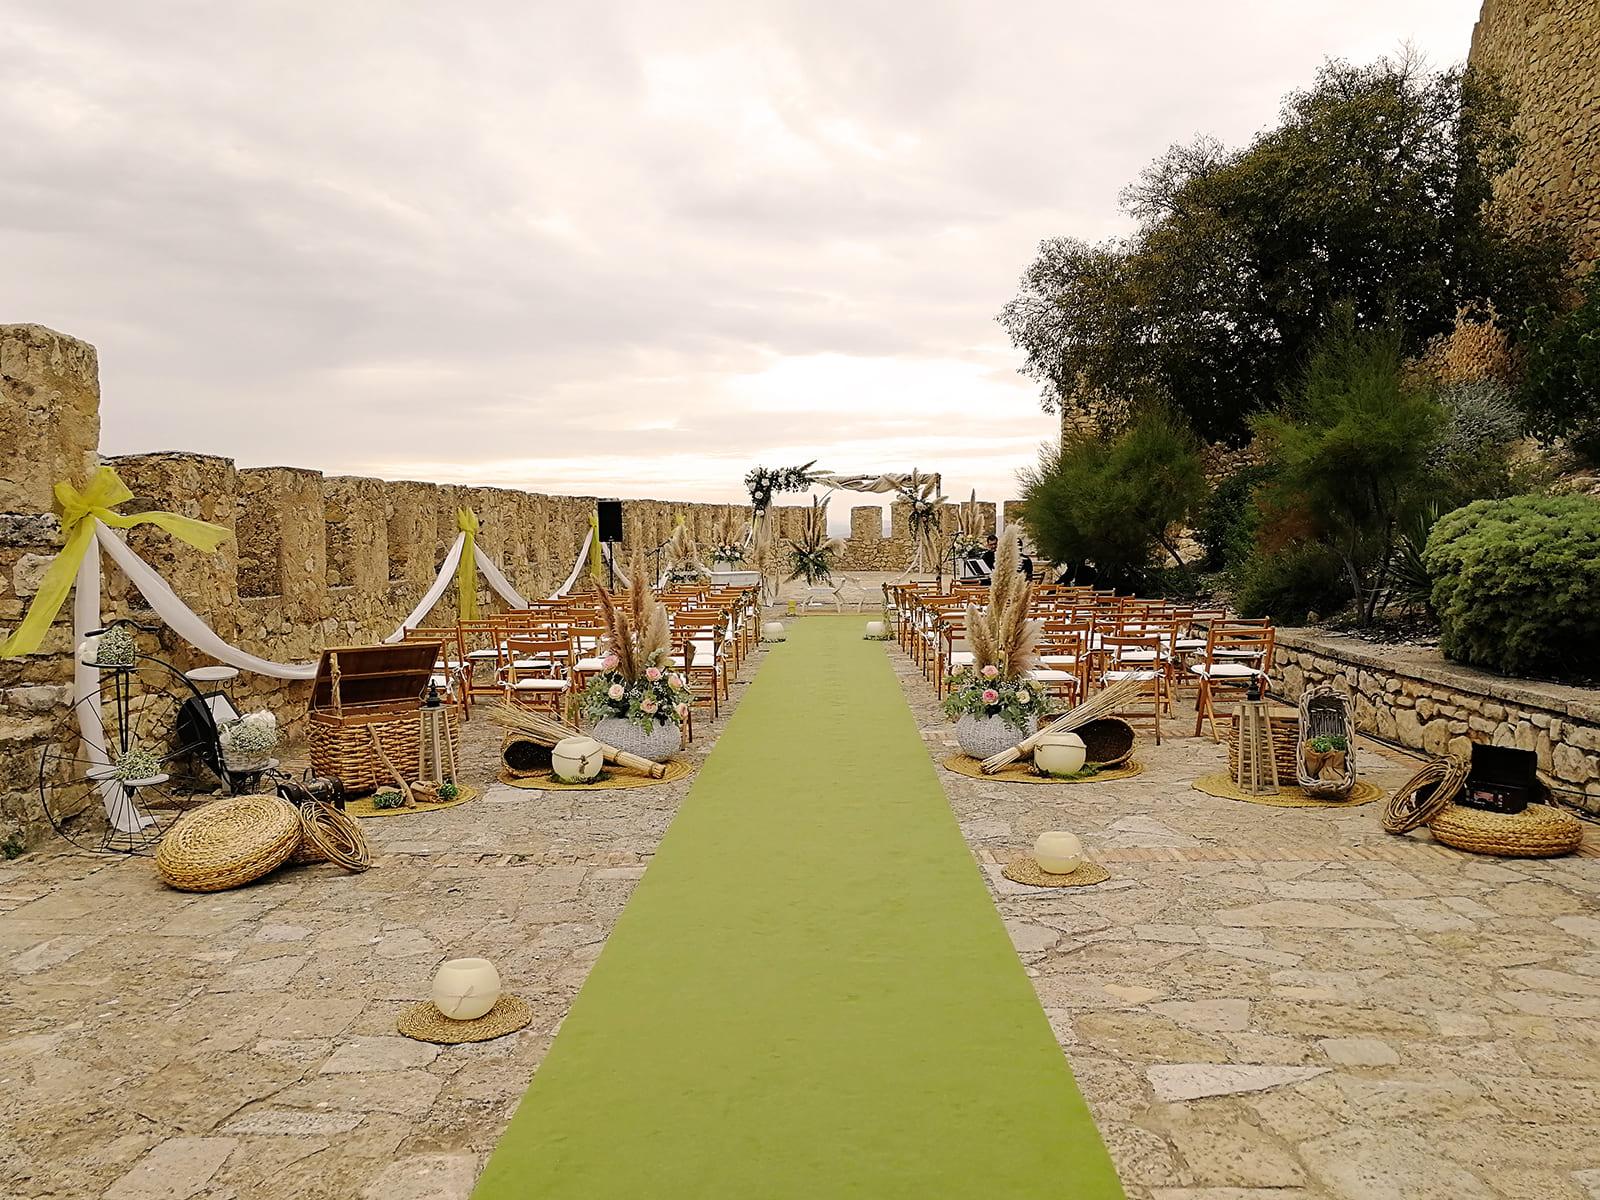 boda-civil-castillo-tonos-verdes-LJ-02_HIDROJARDIN-Bañeres